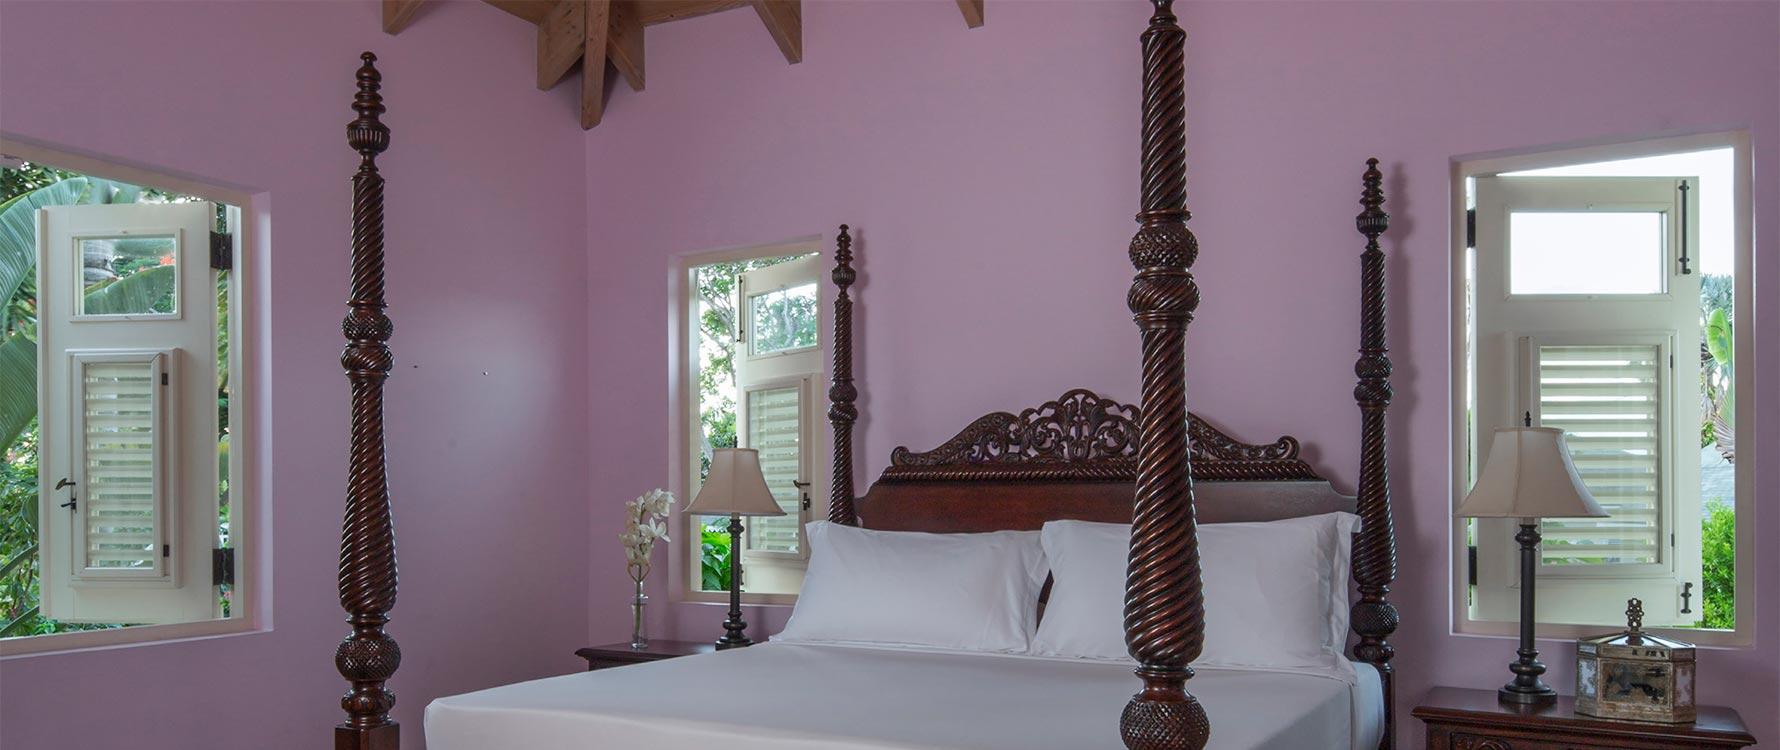 Guest Master Bedroom